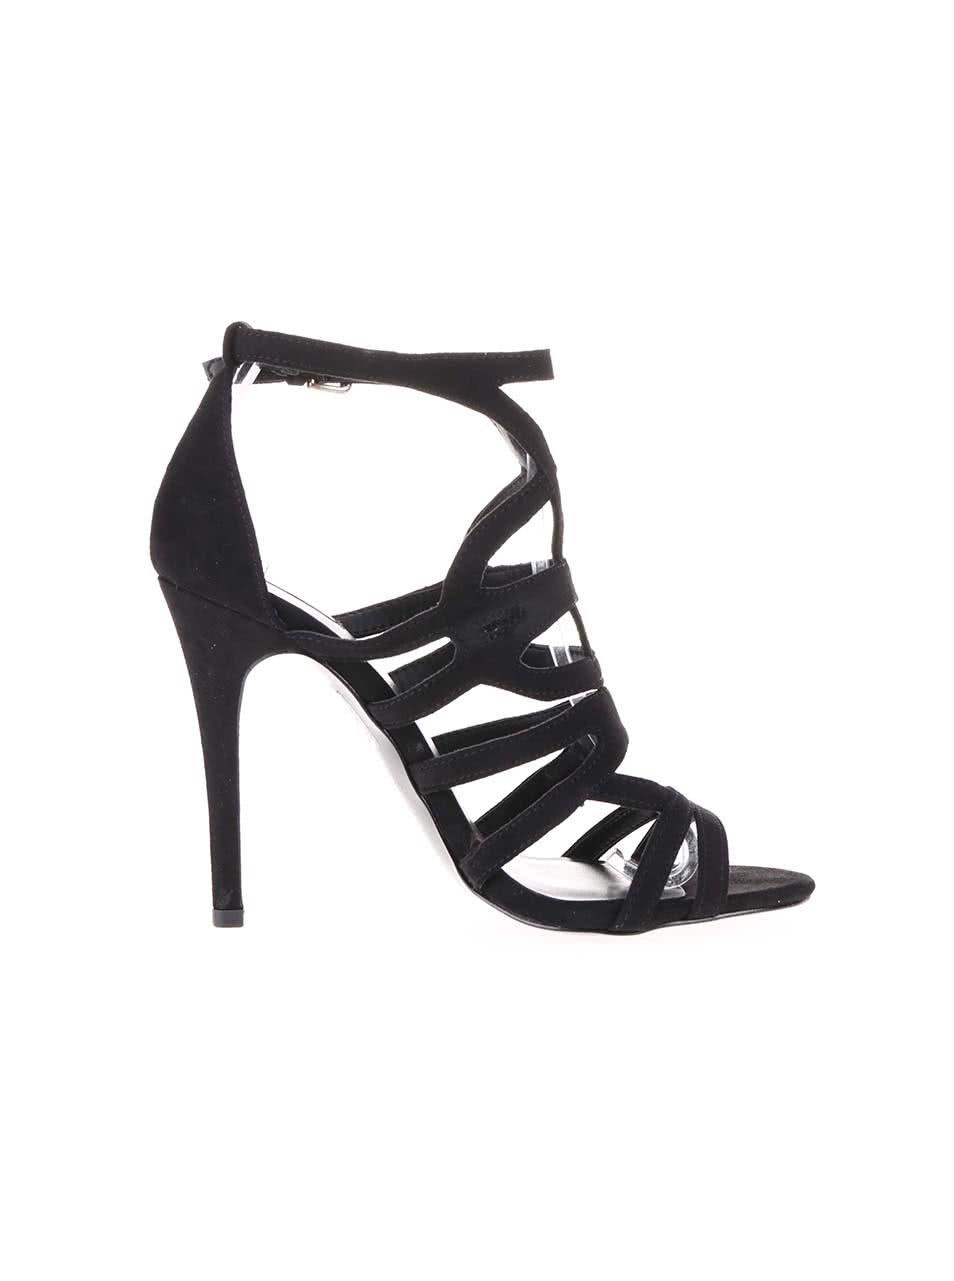 e9a50ea8d58 Černé páskové sandálky na vysokém podpatku ALDO Mattiace ...